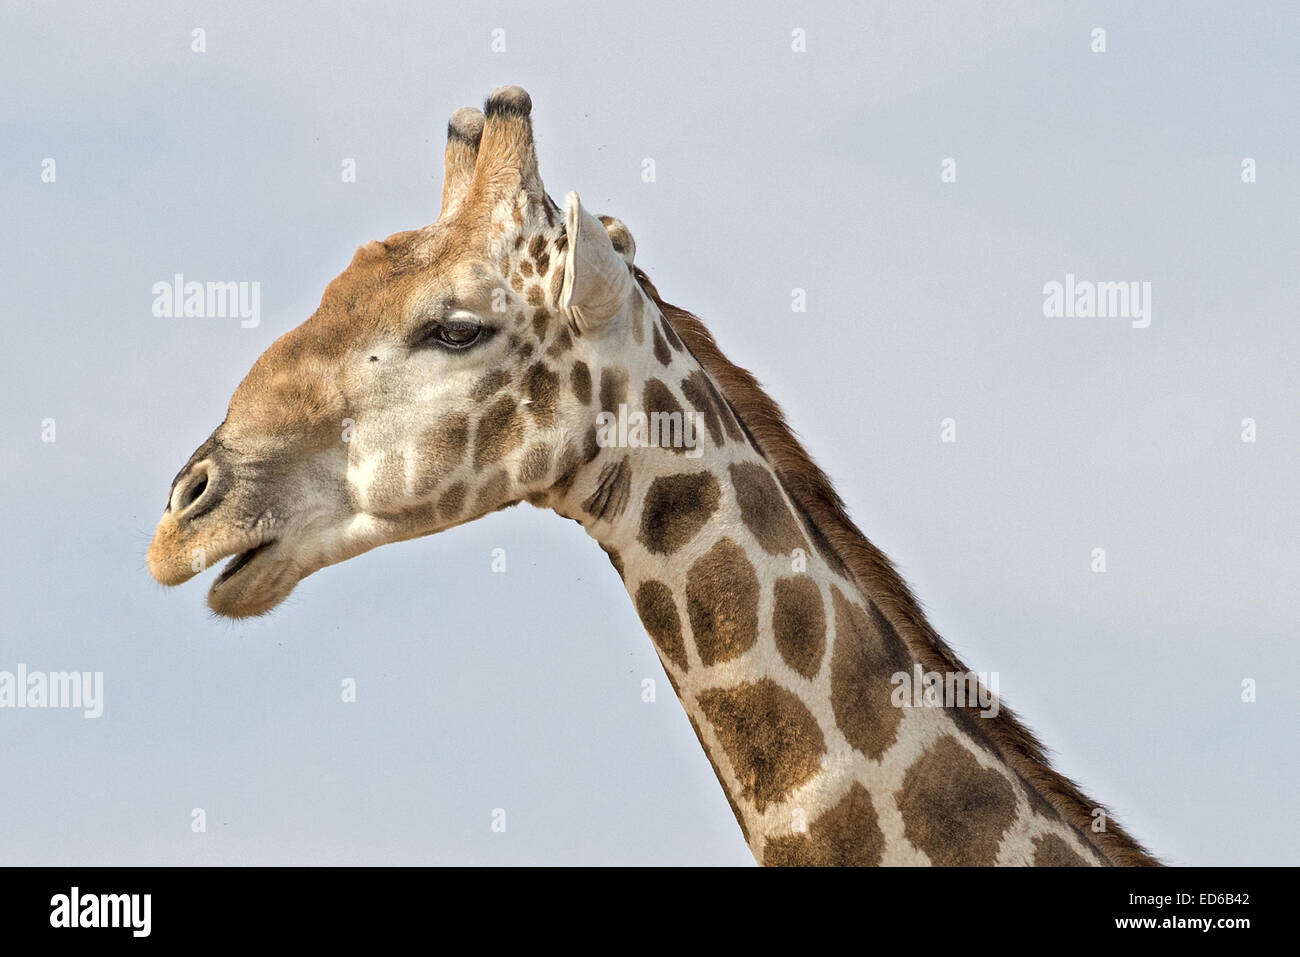 Giraffe macho (Giraffe angoleña) con mejilla abultada de masticar, Parque Nacional Augrabies Falls, Namaqualand, Cabo Norte, Sudáfrica Foto de stock